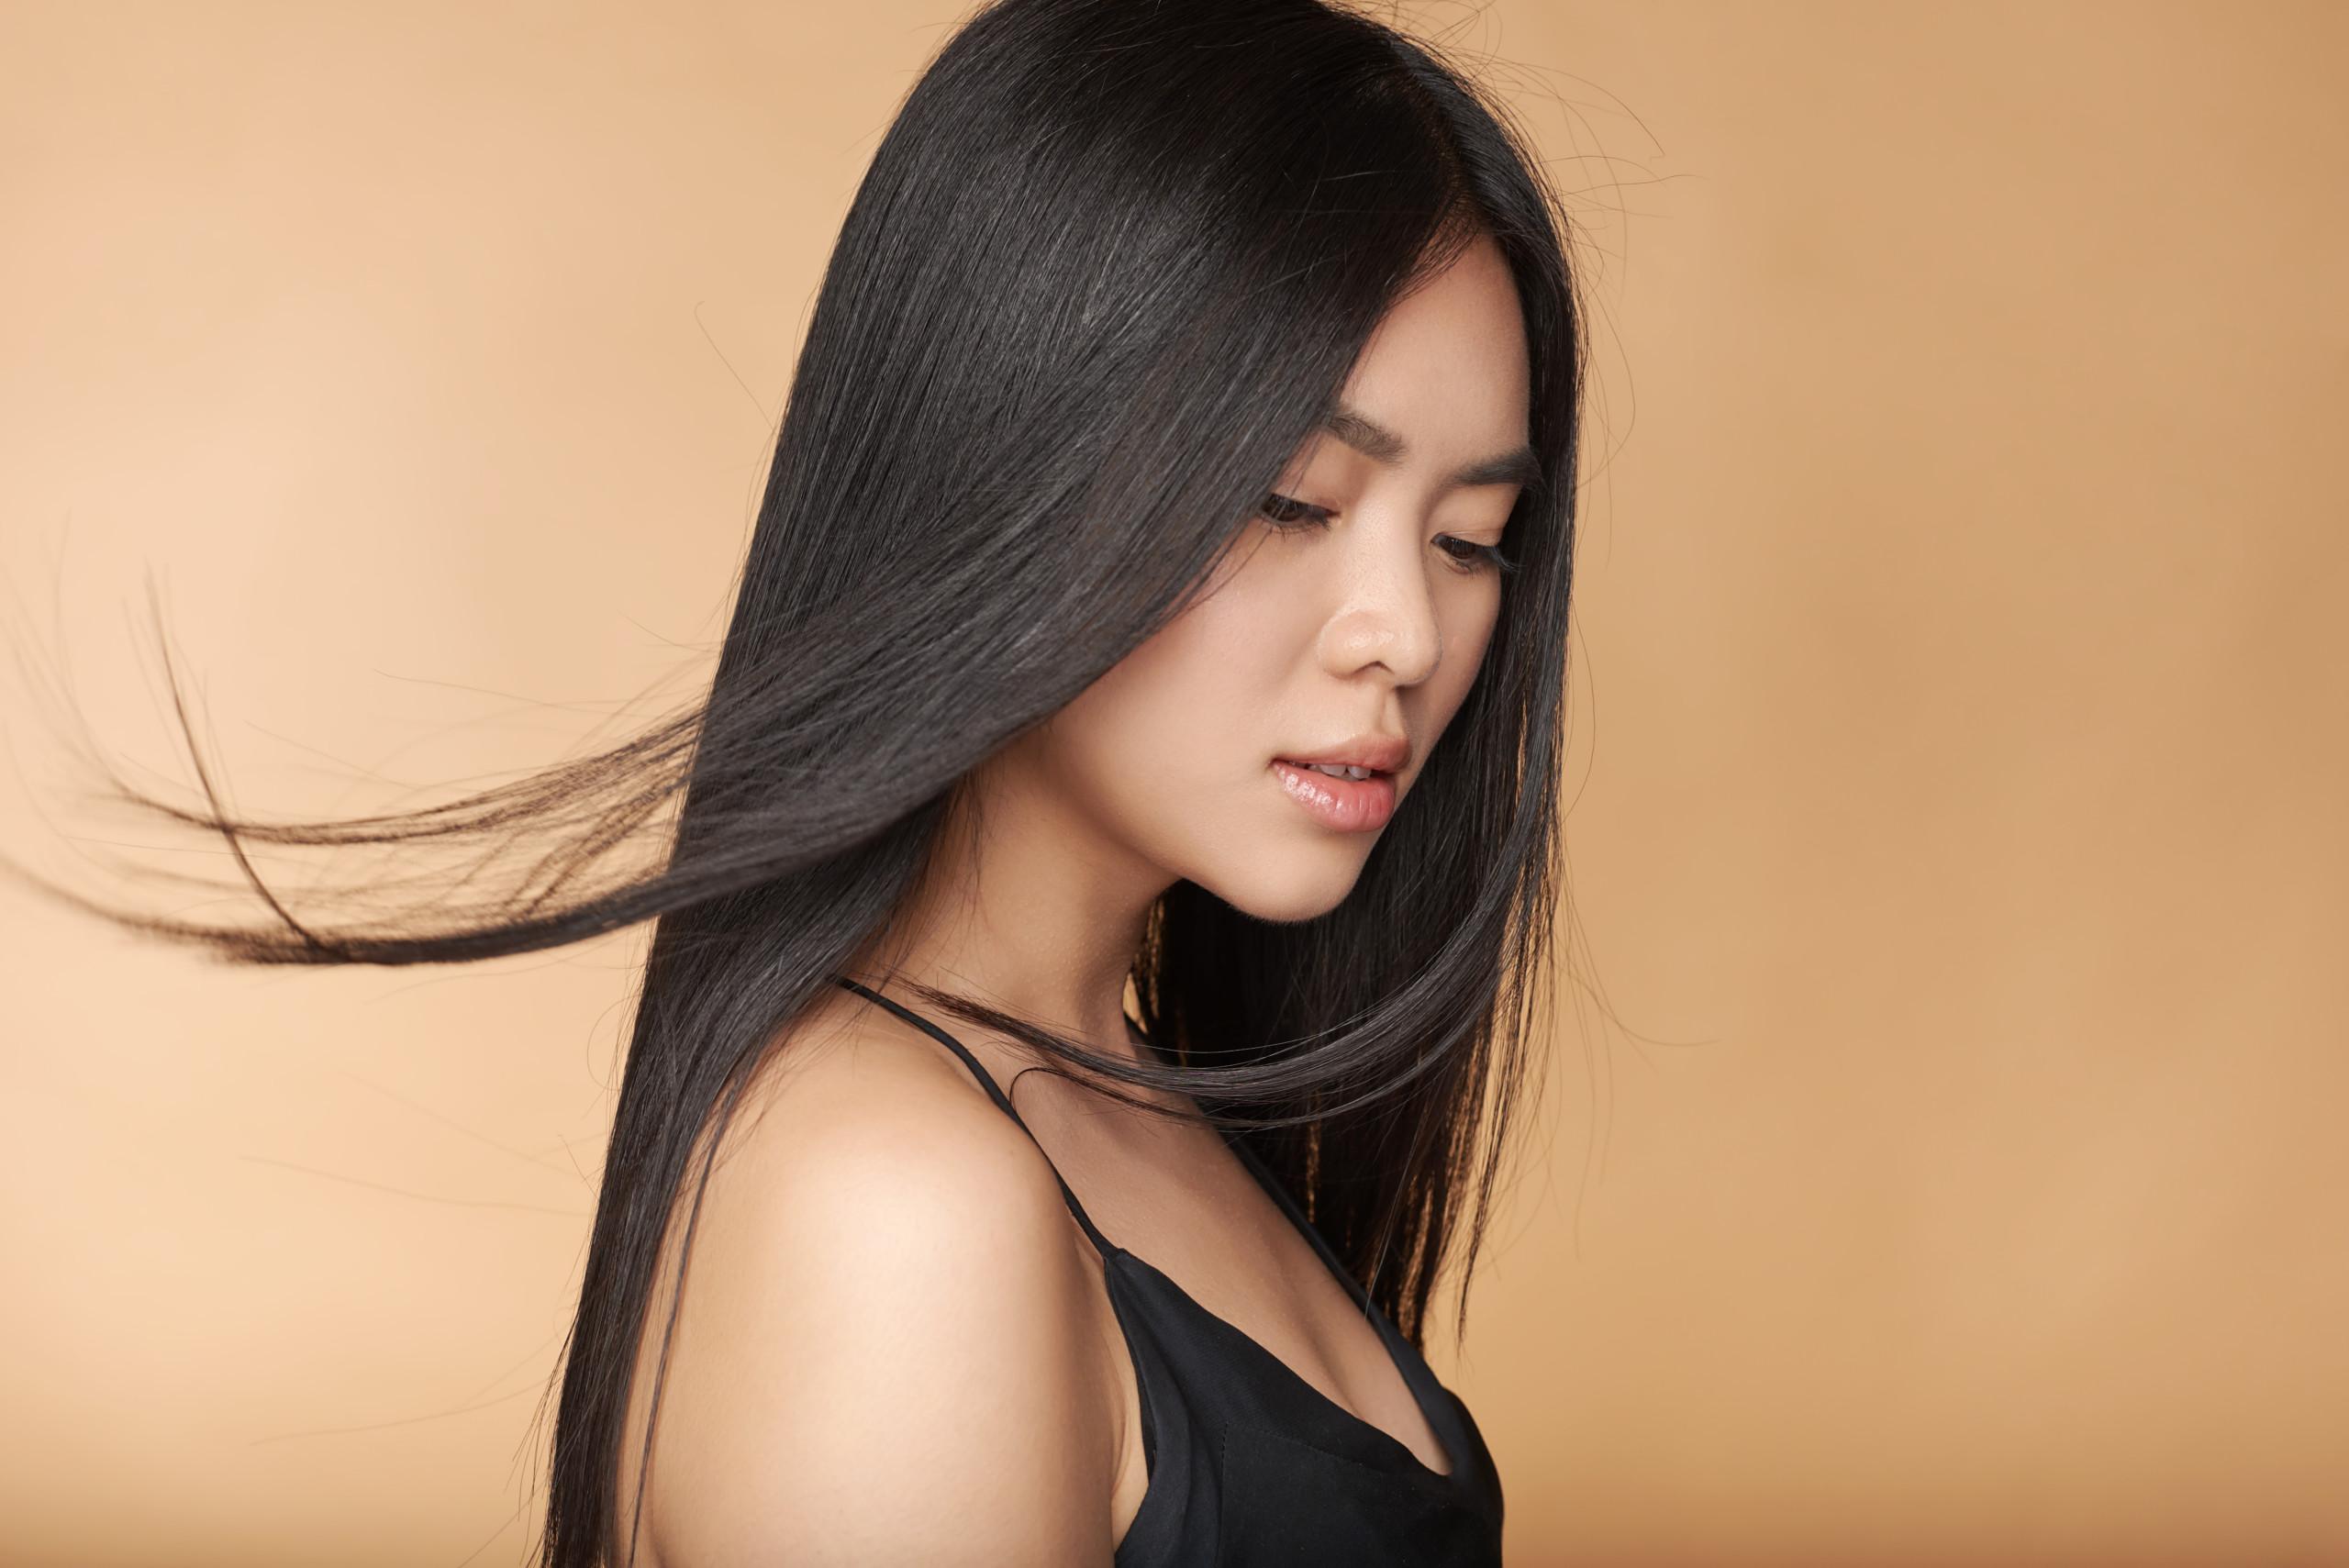 六本木の縮毛矯正で艶髪専門店といえばユメユイ